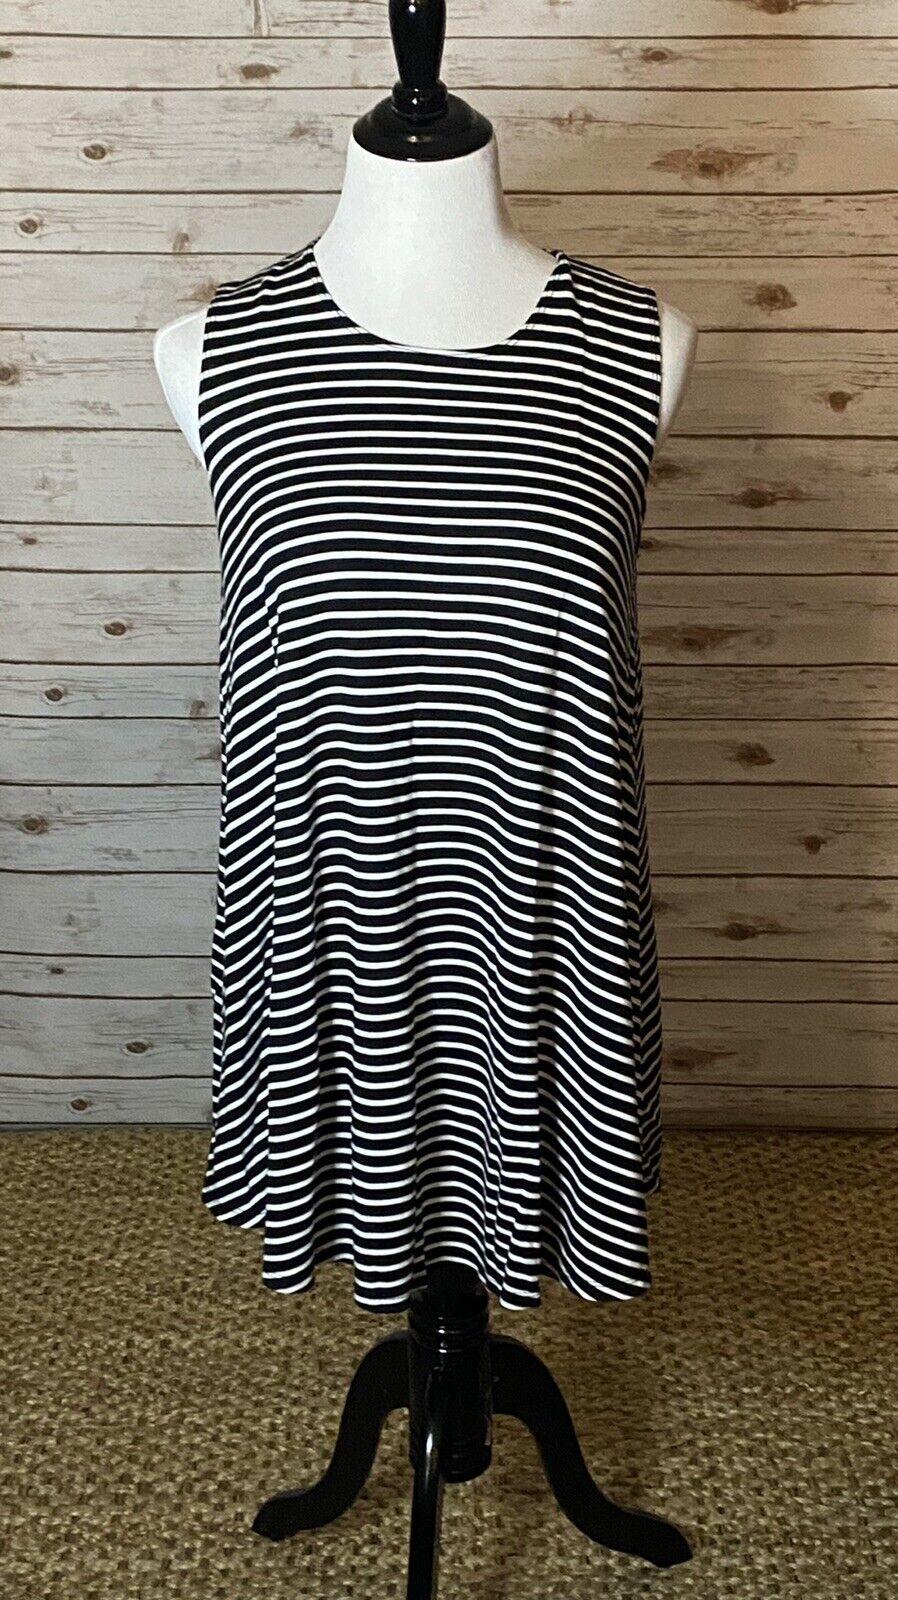 Brandy Melville 'Alena' swing dress One Size - image 1